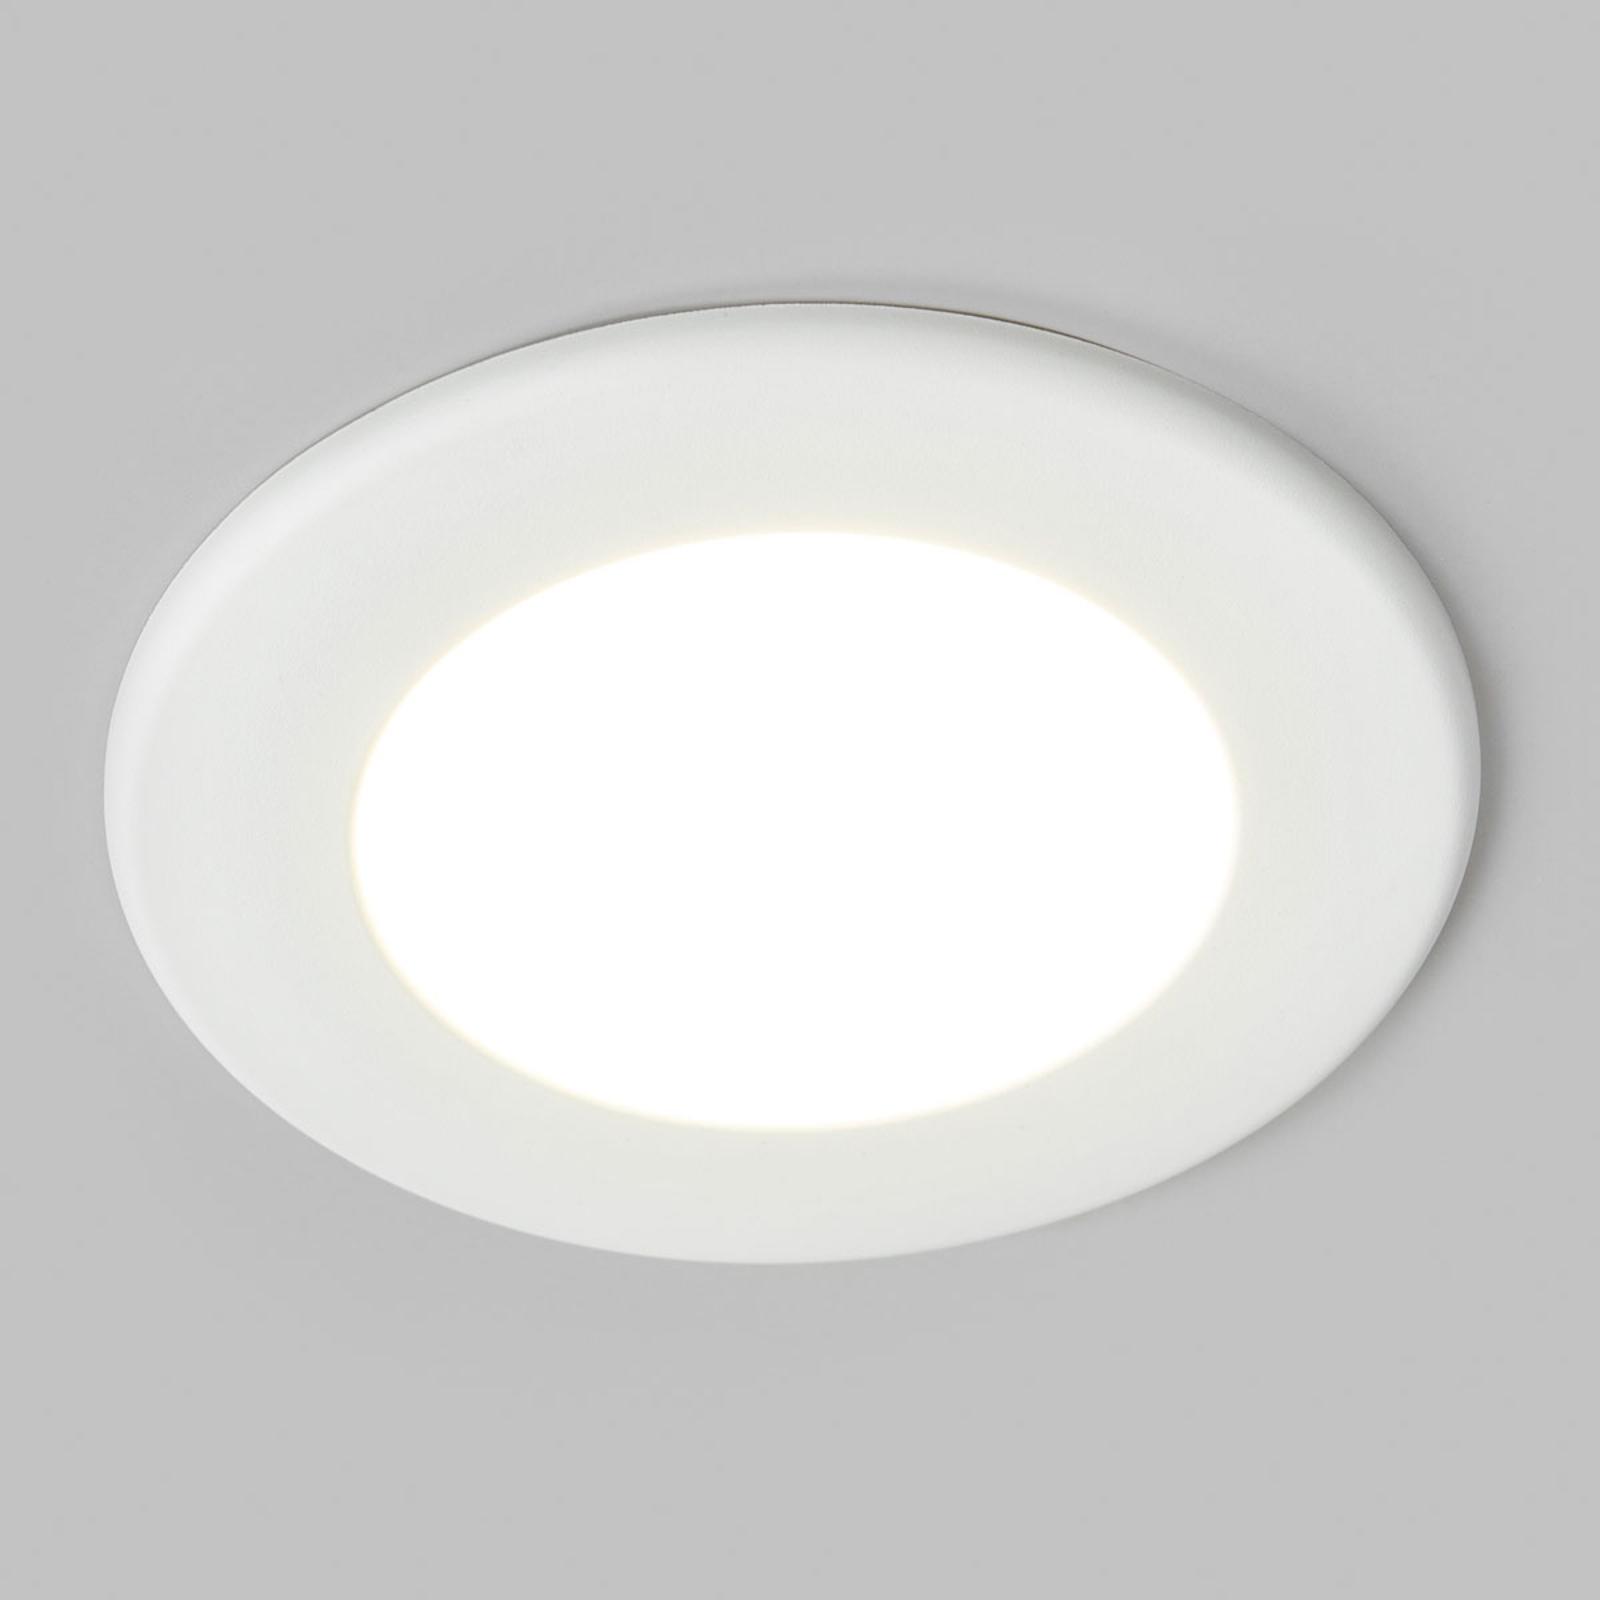 LED-kohdevalo Joki valkoinen 4000K pyöreä 11,5cm